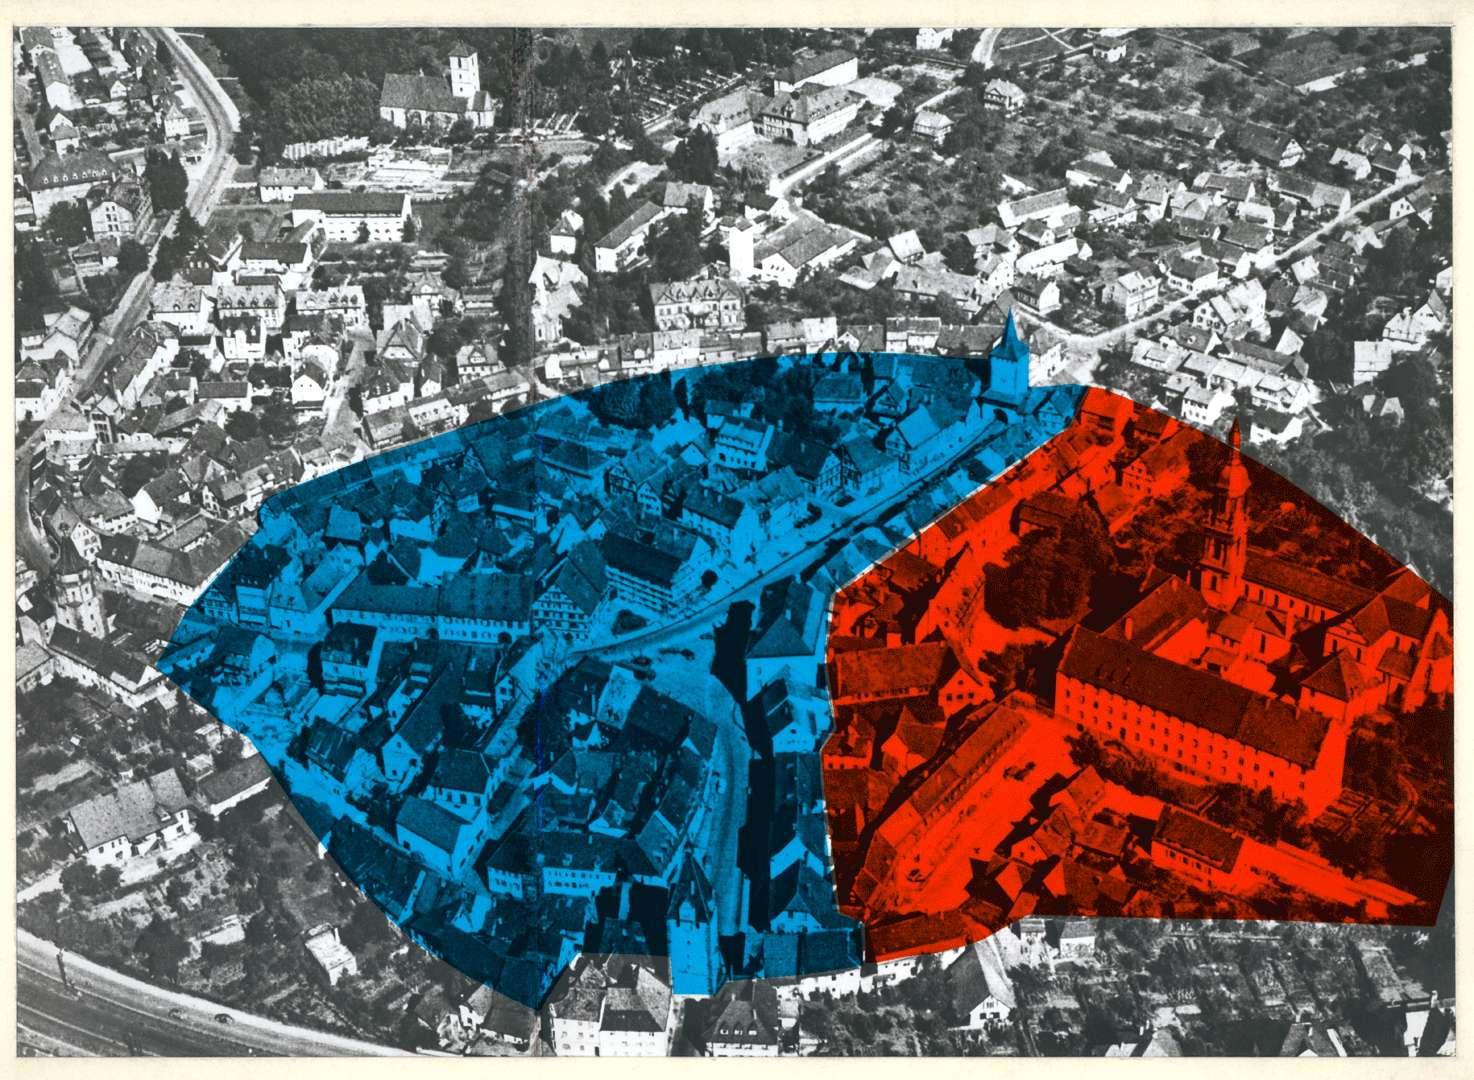 [Luftbild von Gengenbach mit Einfärbung des Areals von Reichsstadt und Reichsabtei], Bild 1